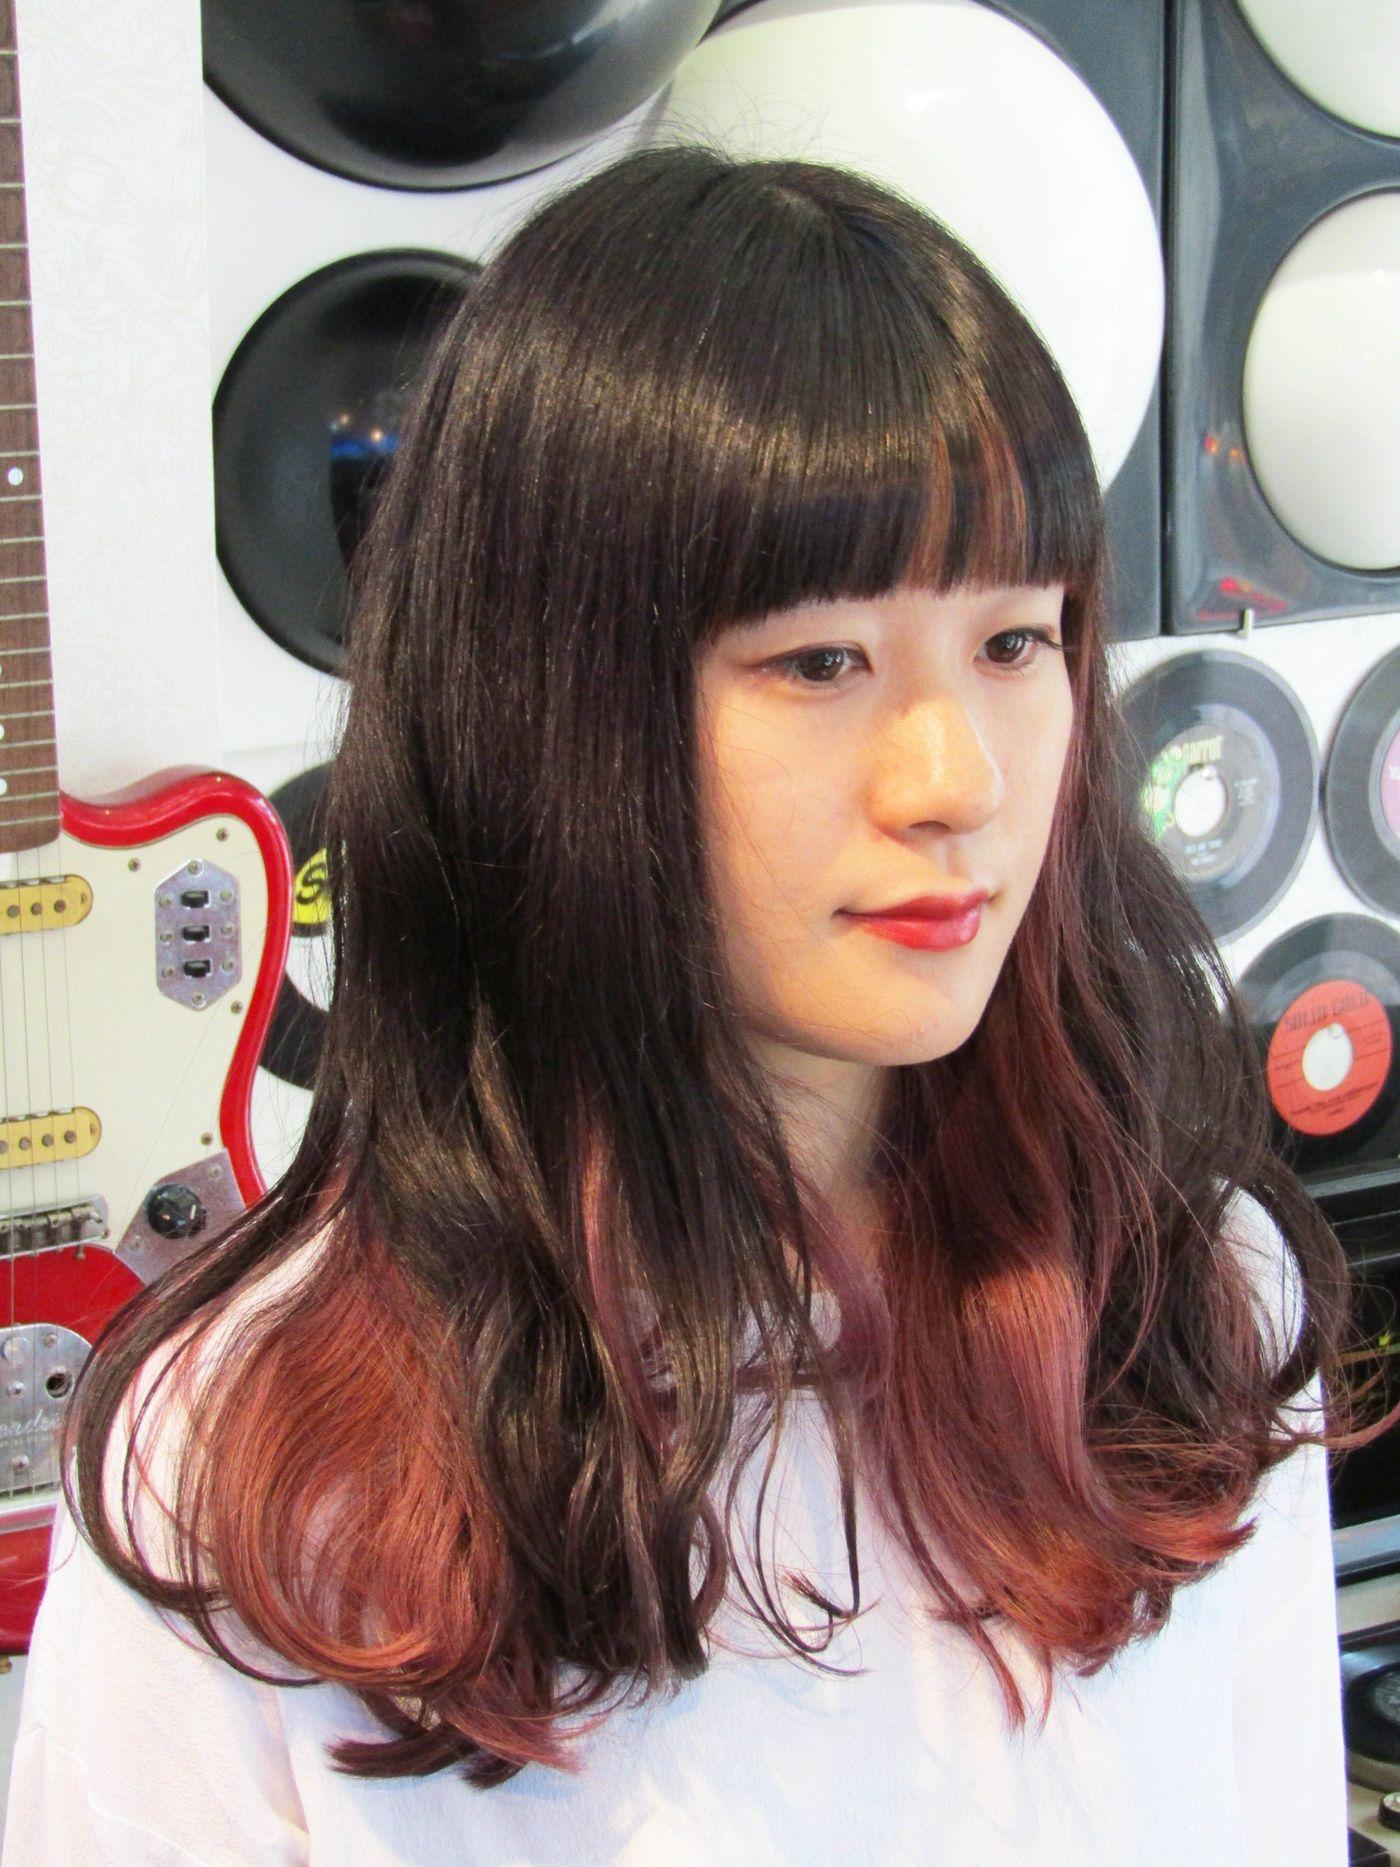 レイブ アクションアンドヘアー 高円寺店[rave Action and Hair!]が投稿した画像